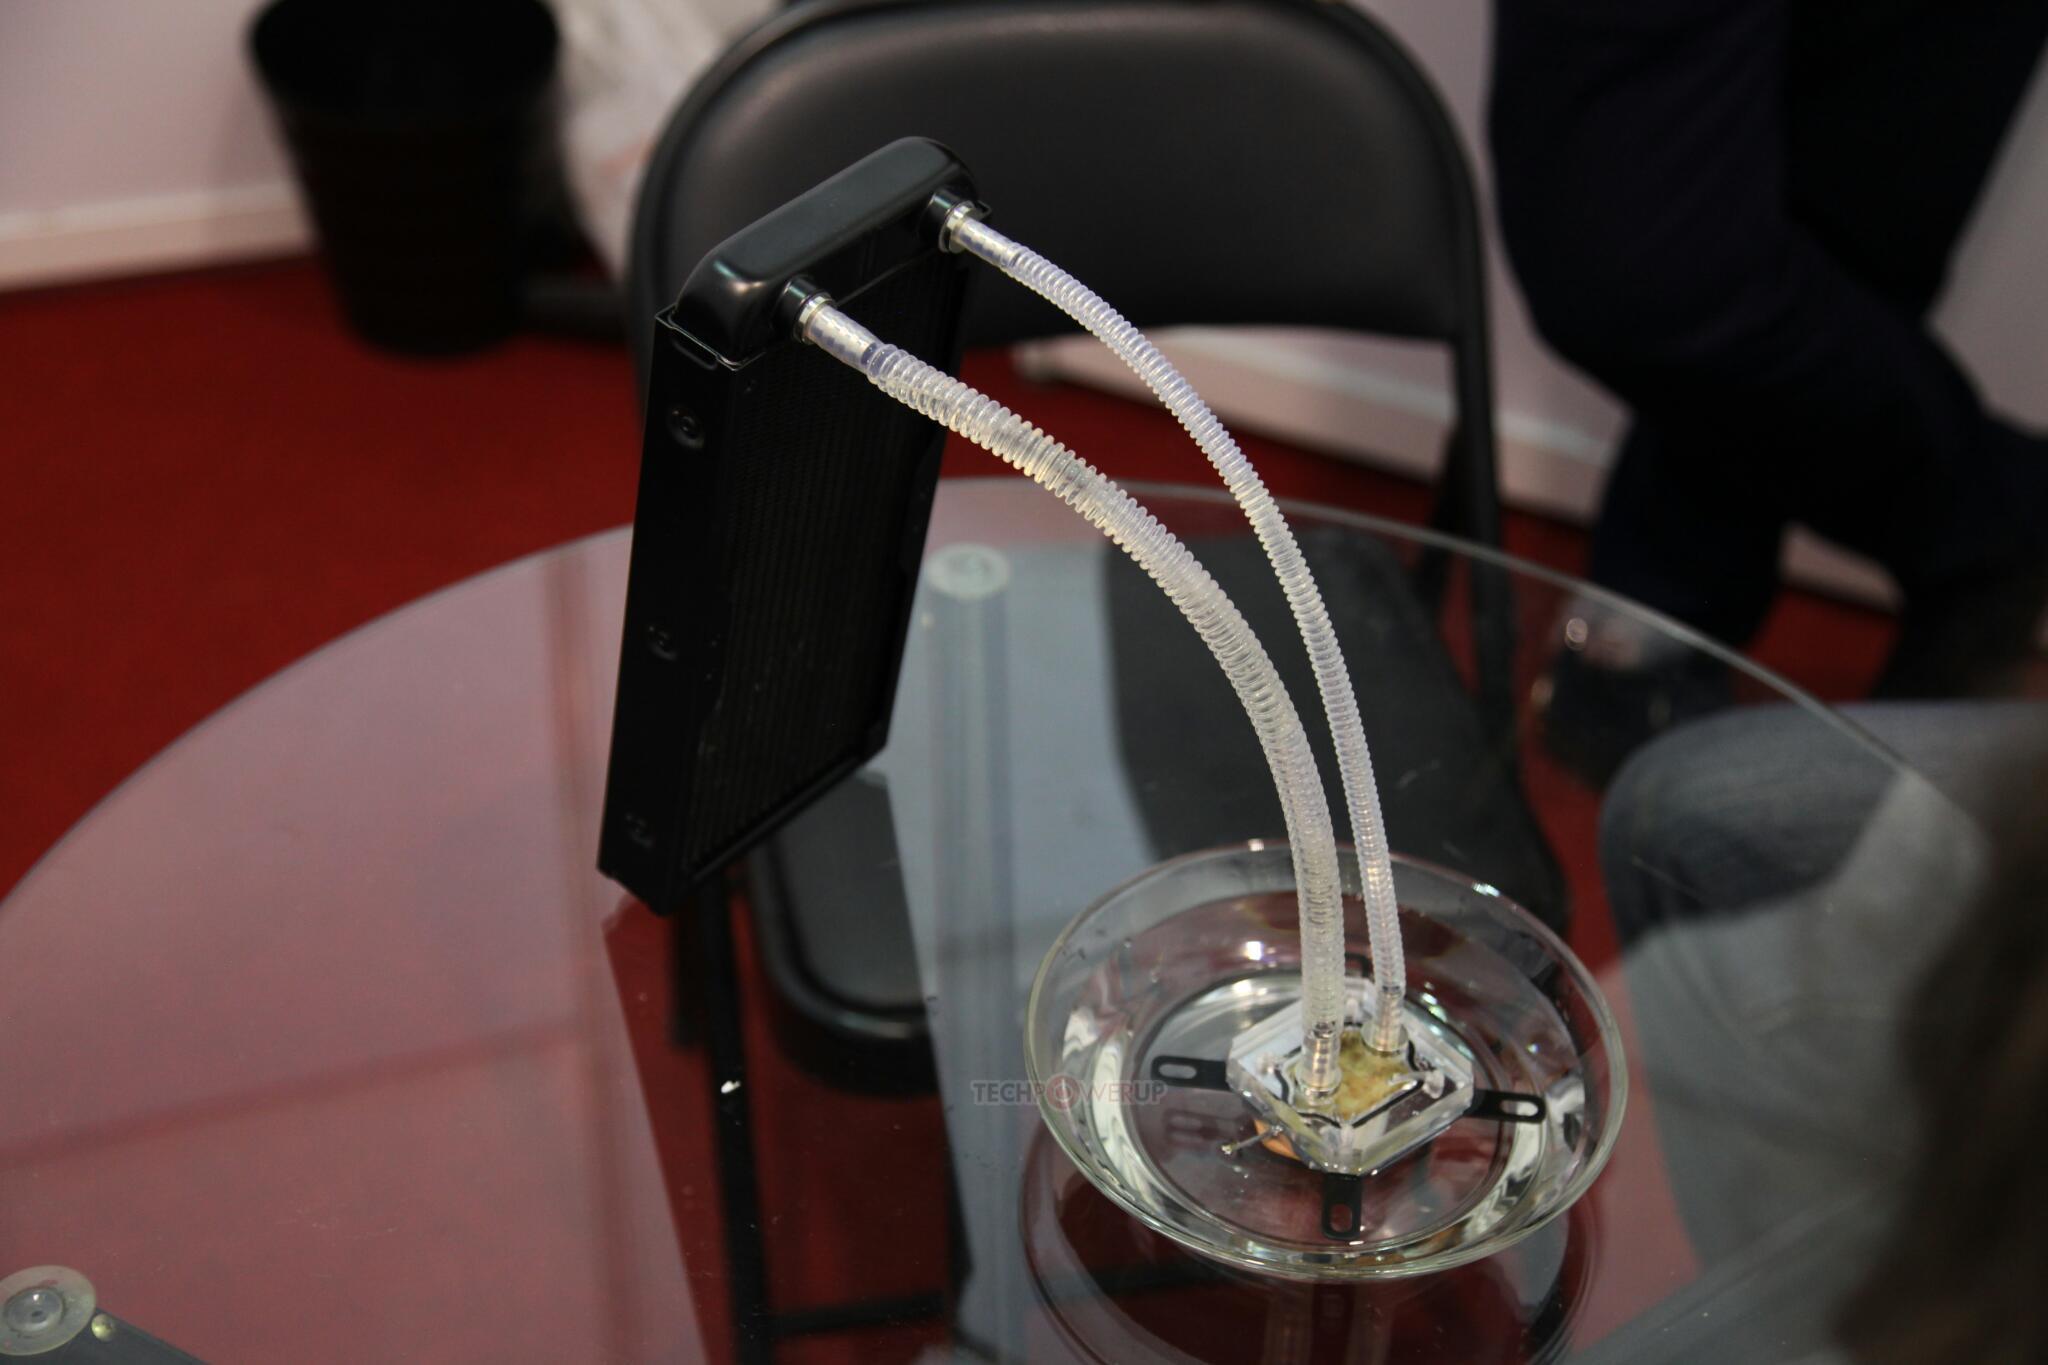 Raijintek liquid cooler